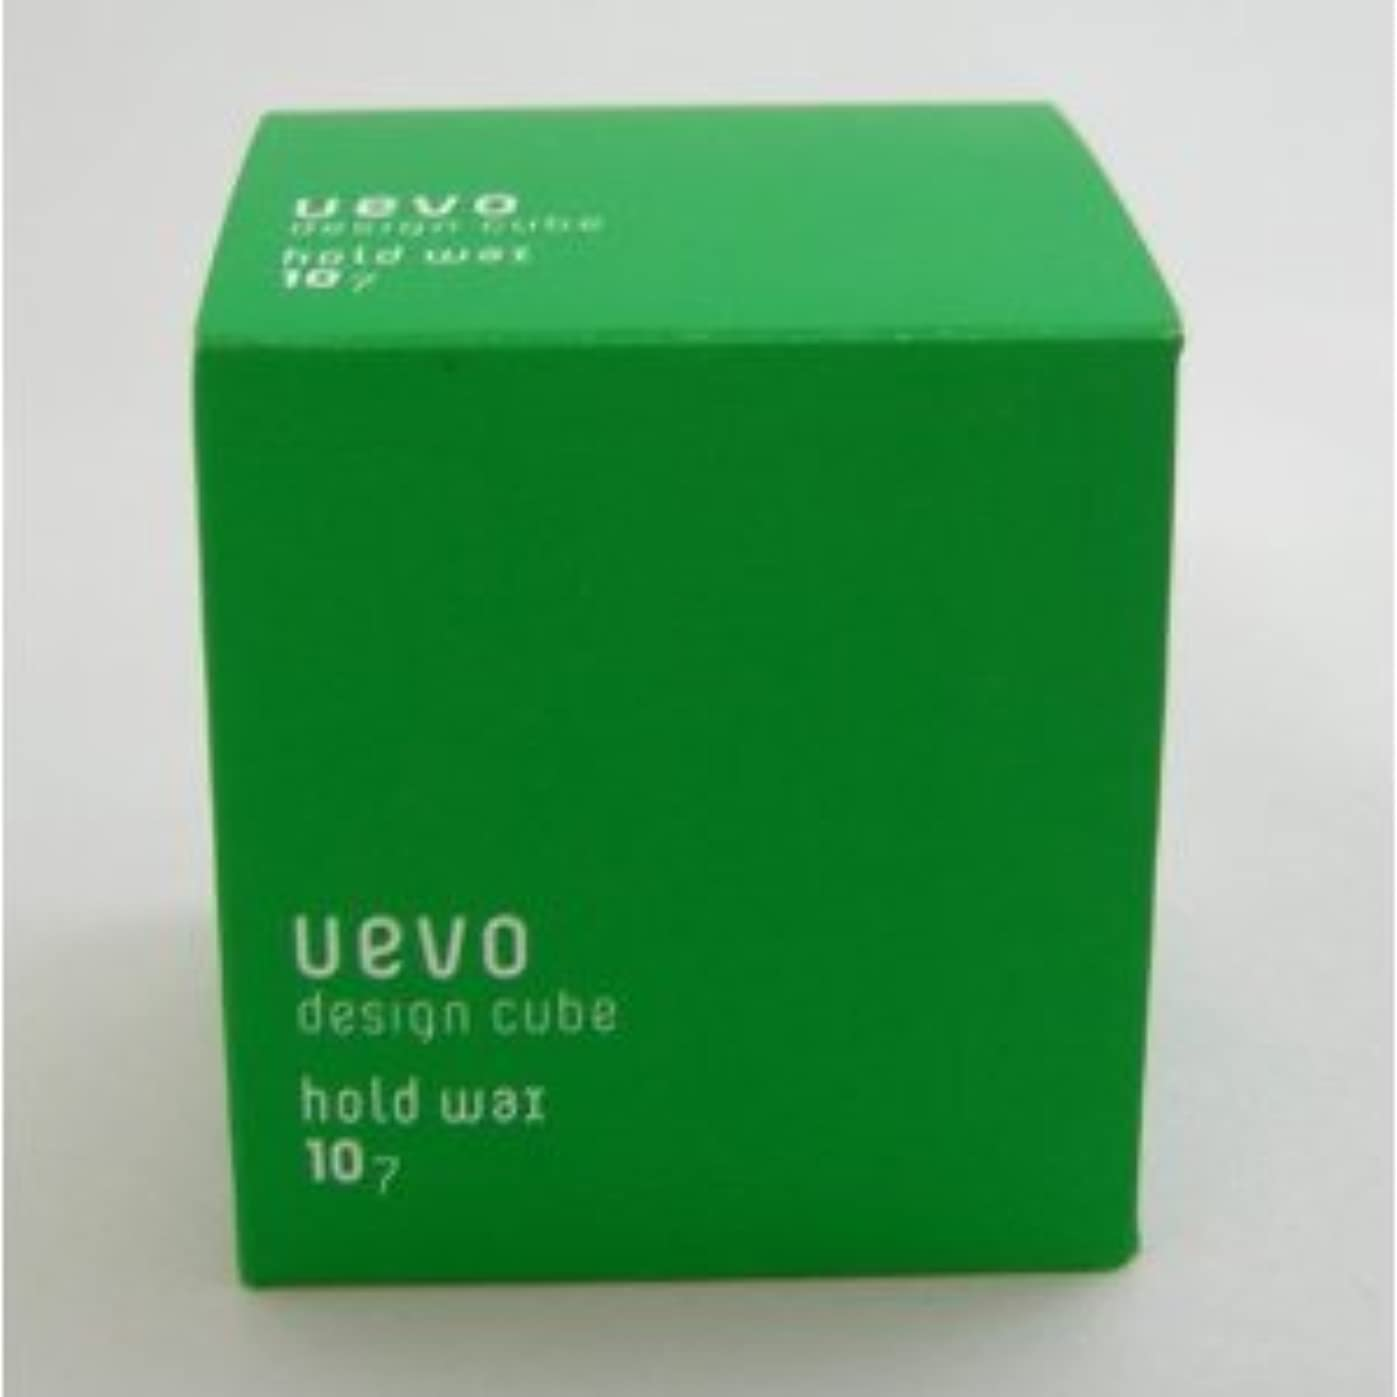 指紋かなりのポジション【X3個セット】 デミ ウェーボ デザインキューブ ホールドワックス 80g hold wax